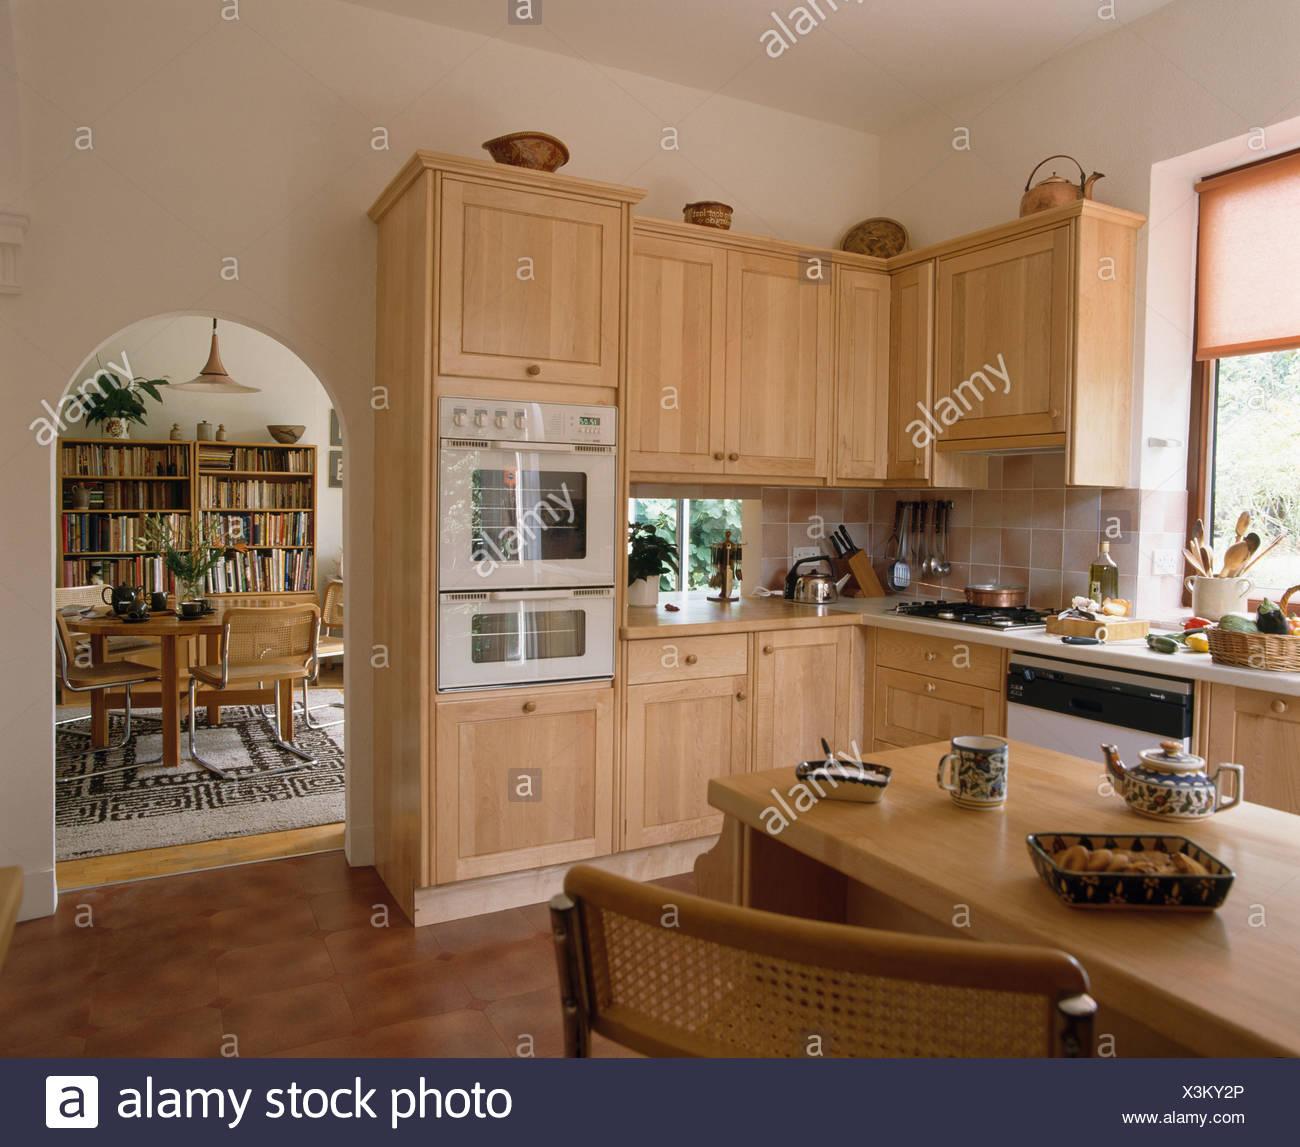 Blasse Holz Einheiten Der Achtziger Jahre Küche Mit Bogen In Wand Zum  Esszimmer